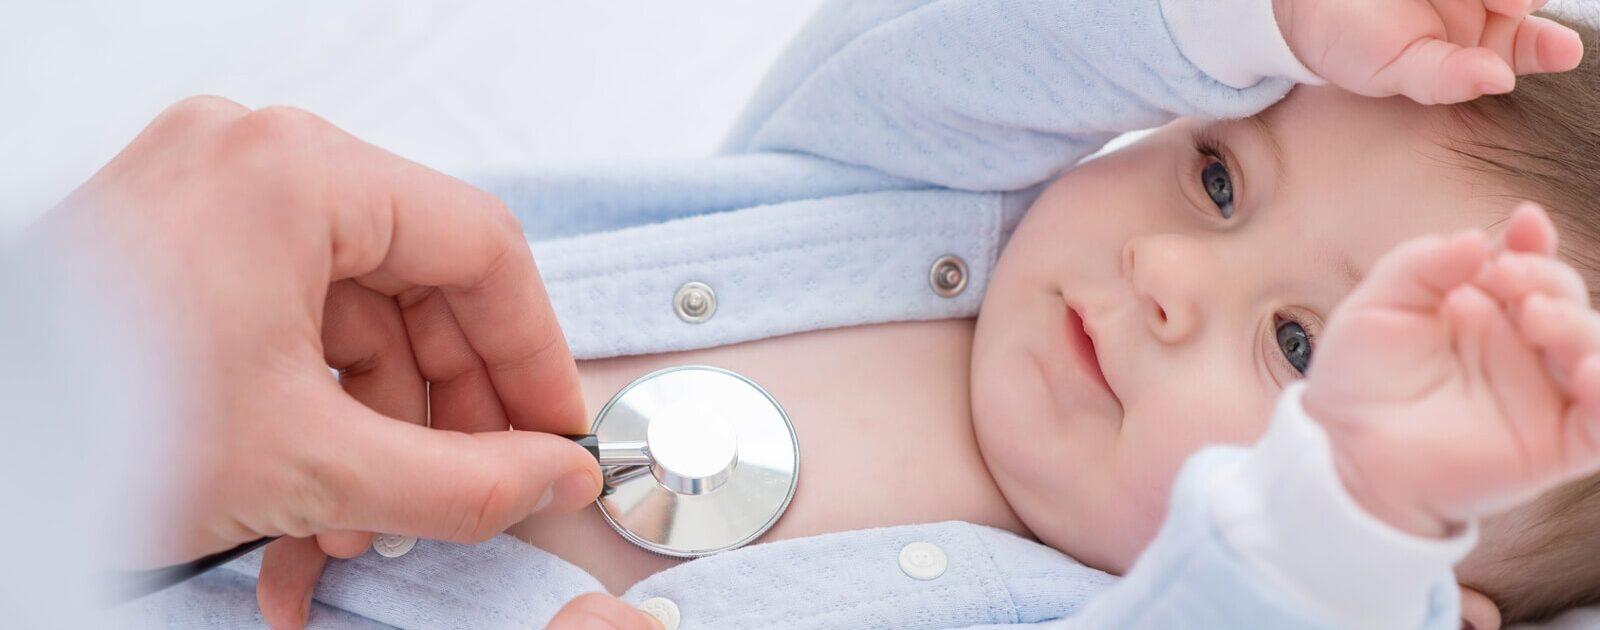 Zum Schutz gegen Babykrankheiten: Ein Baby wird beim Arzt untersucht